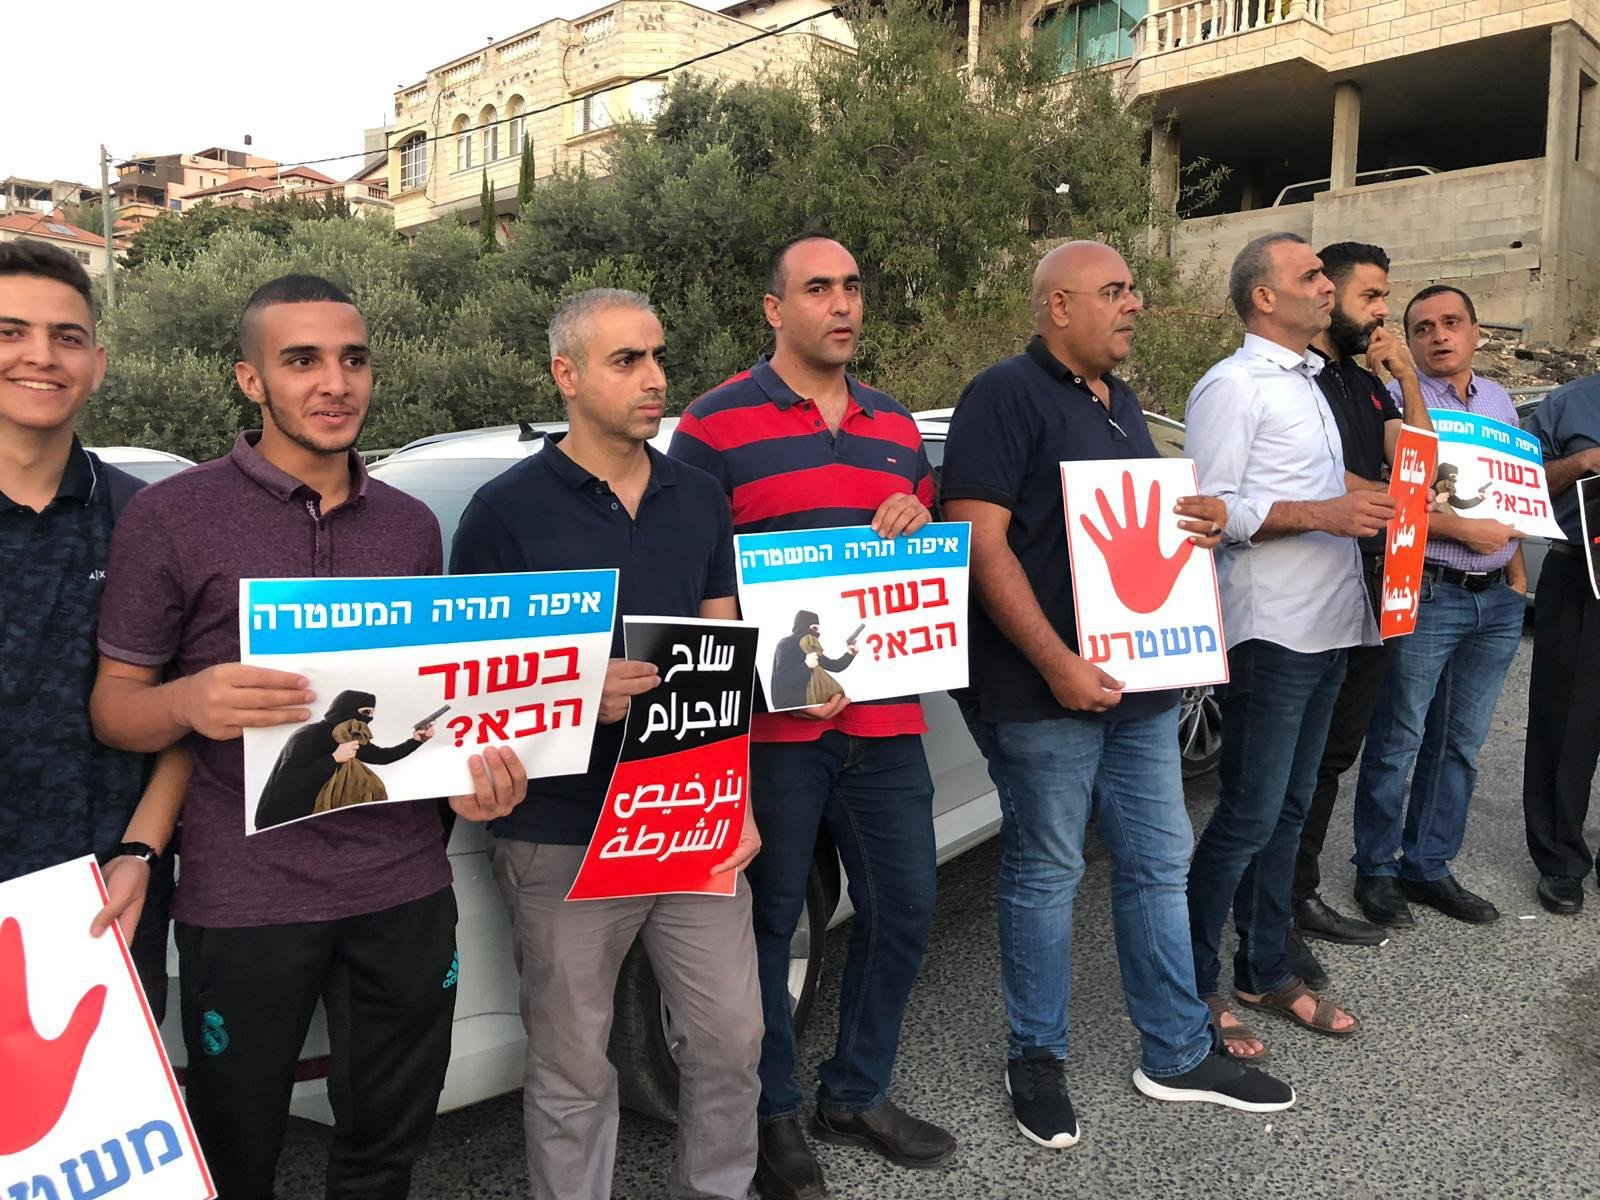 صرخة فحماوية غاضبة ضد العنف مقابل الشرطة-8